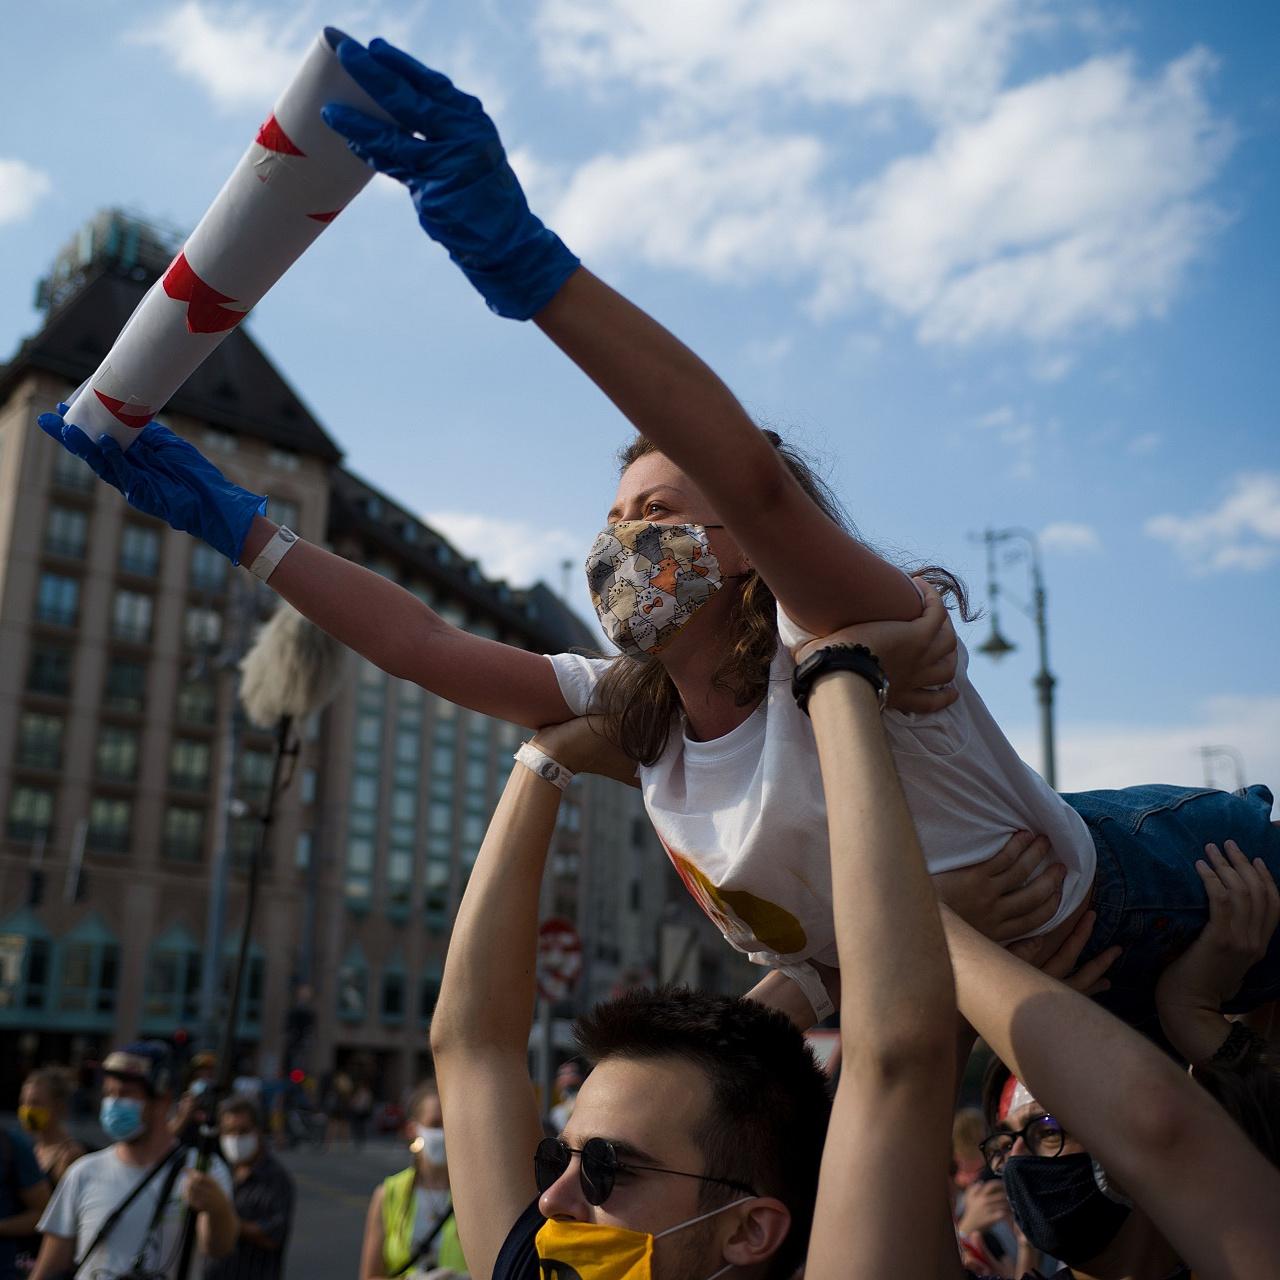 Itt és más: 150 kortárs élmény 15 nap alatt a Budapesti Őszi Fesztiválon